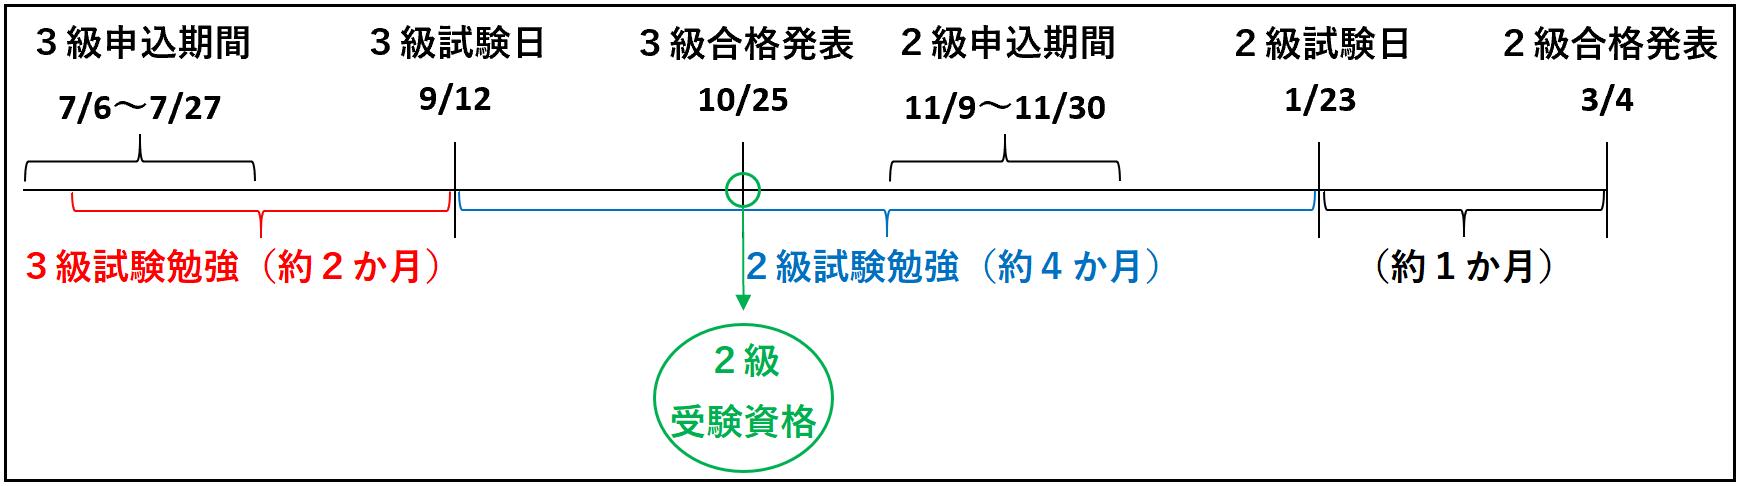 FP2級受験資格(3級合格ルート)